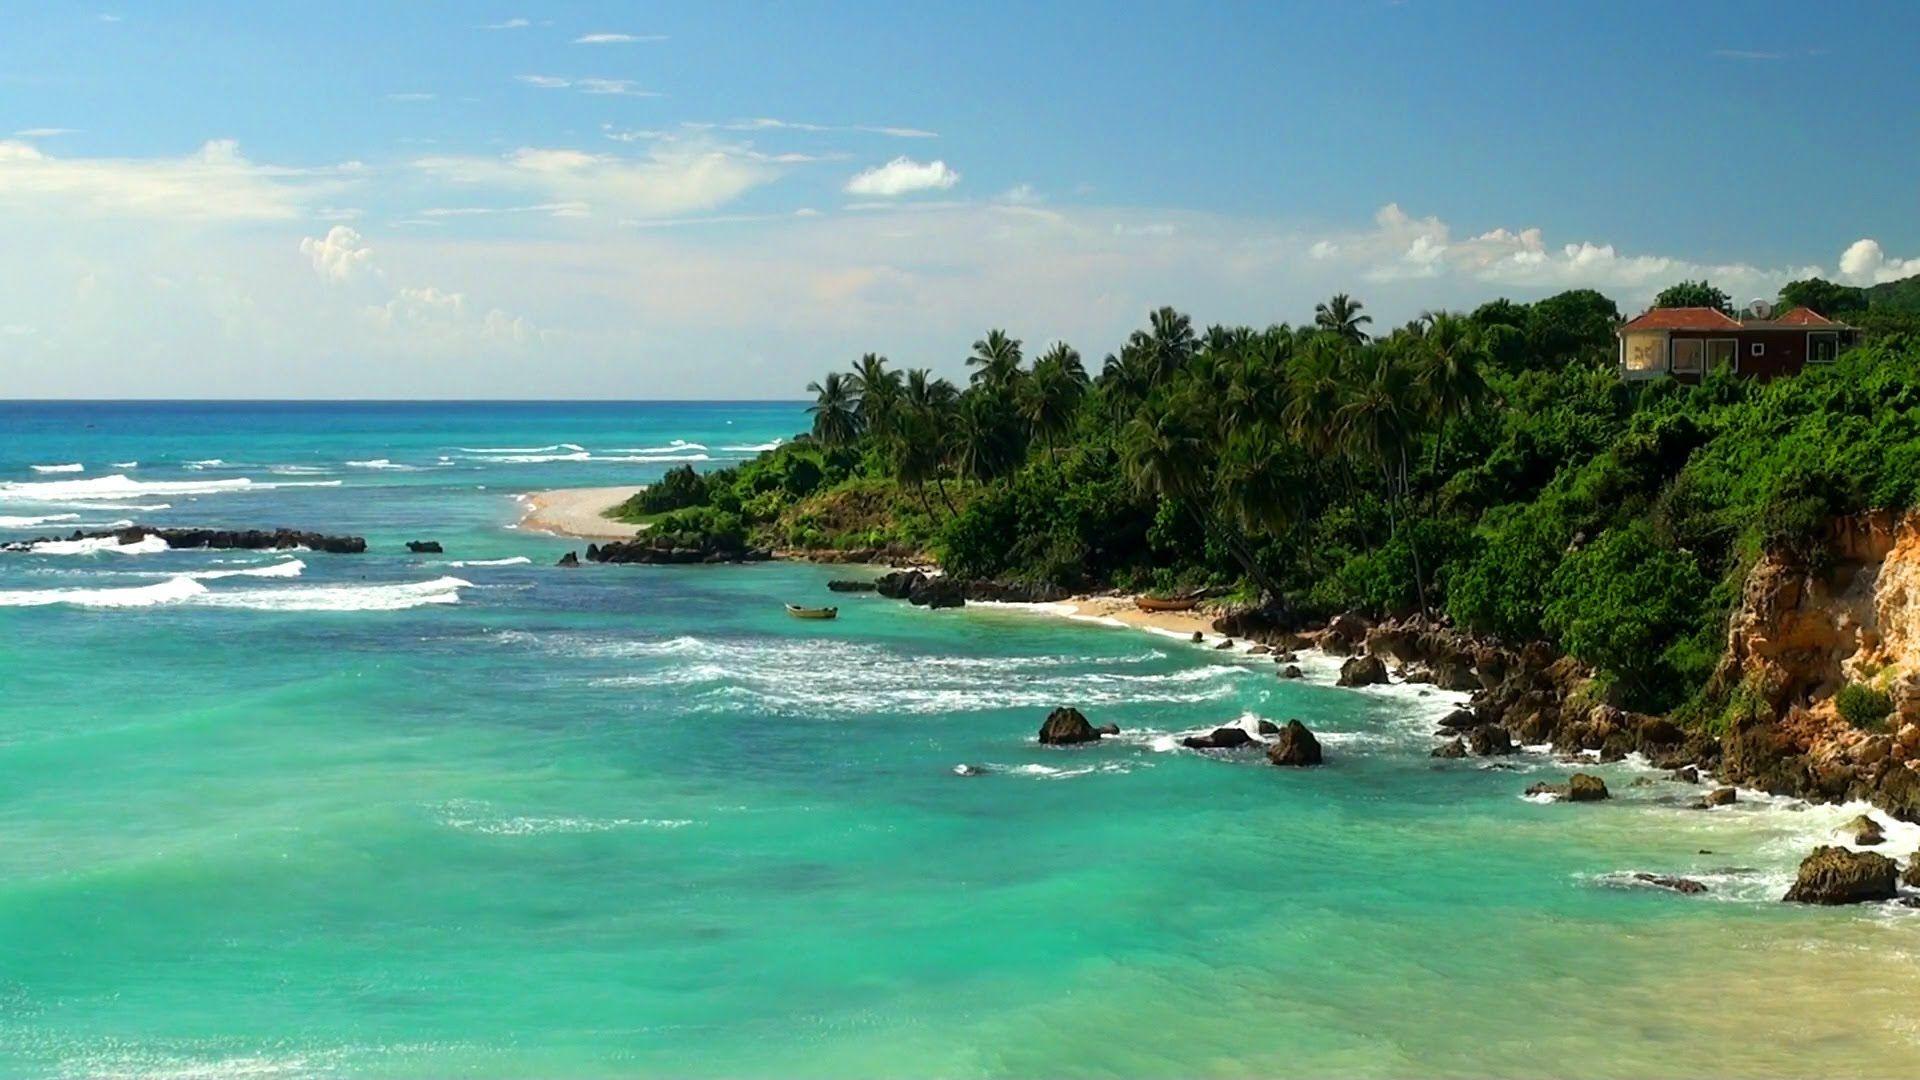 Calm Ocean Sounds Relaxing Tropical Beach Waves